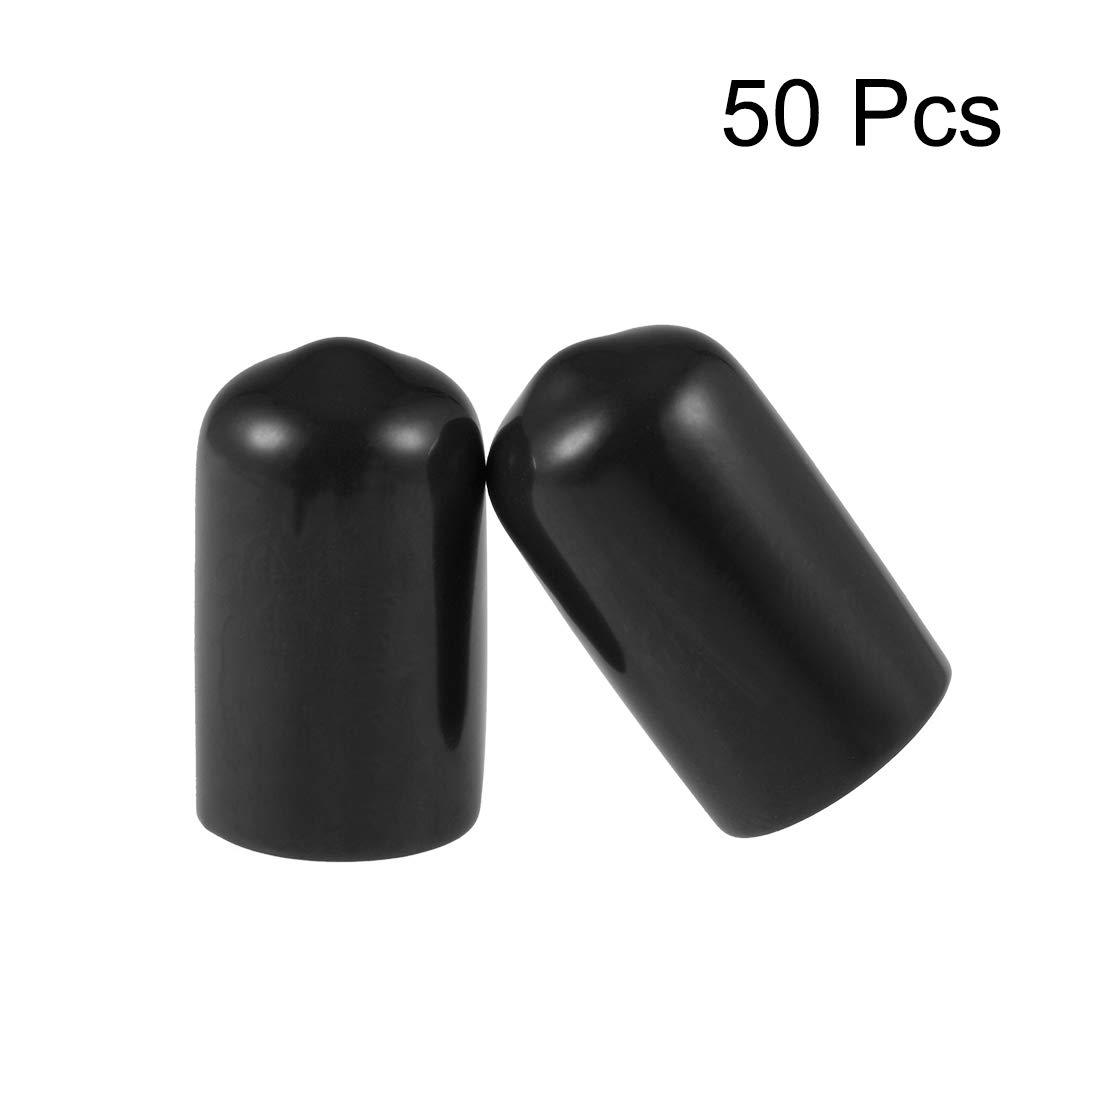 Tapas de tubo negro 50uds sourcing map Protector de rosca de tornillo Cubierta de tapa de extremo redondo de 3mm de ID